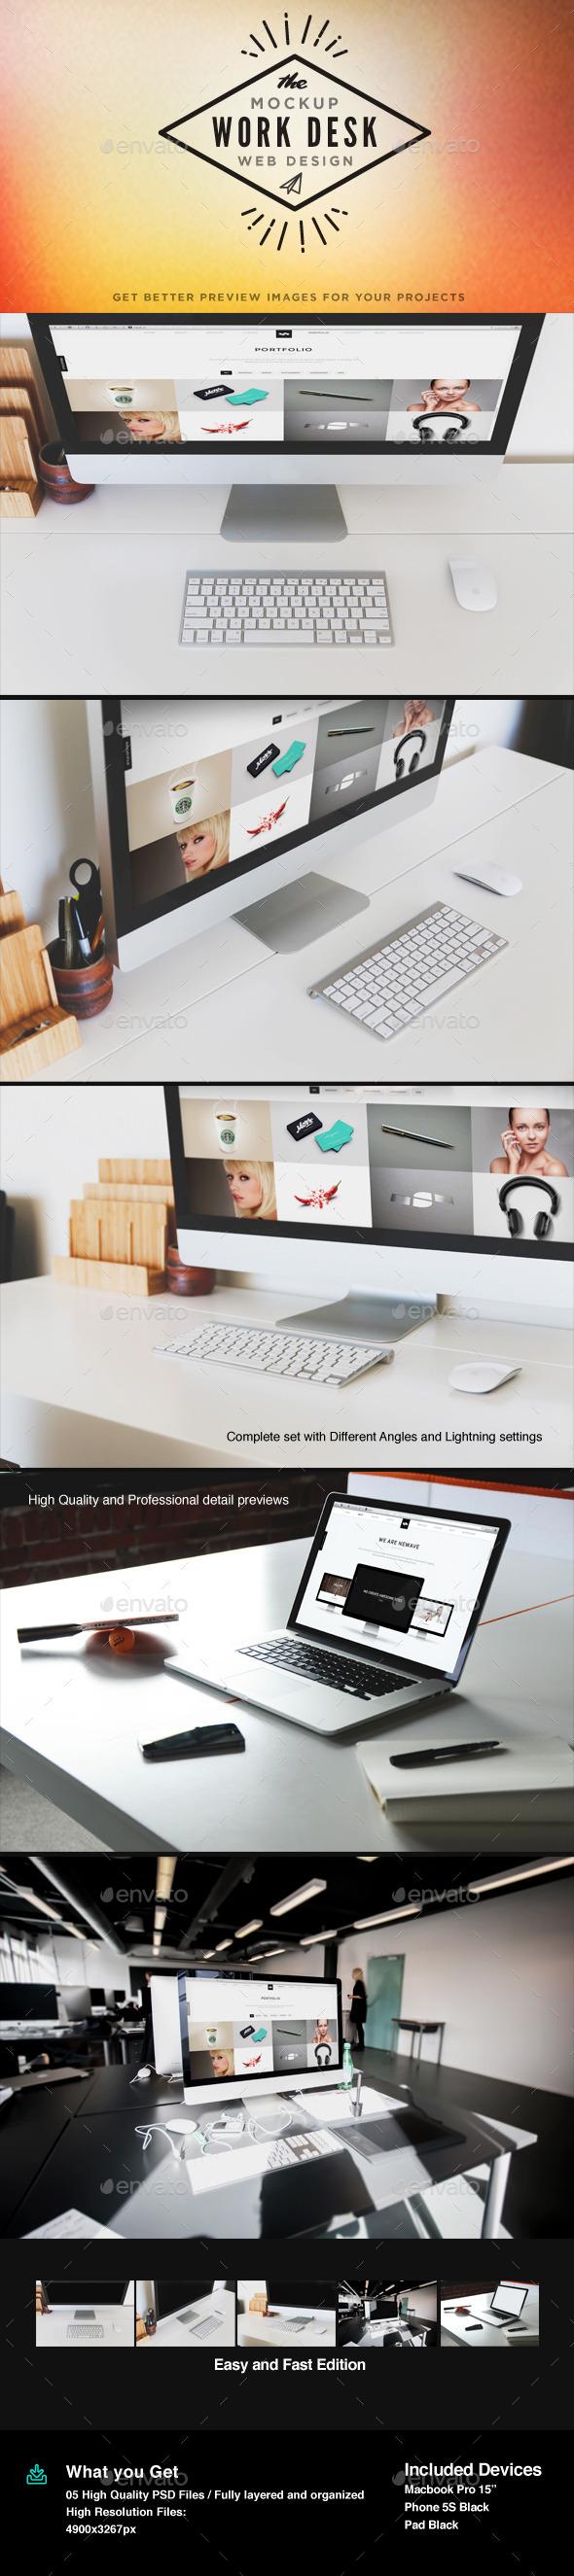 Display Screen Mock-Up - Multiple Displays